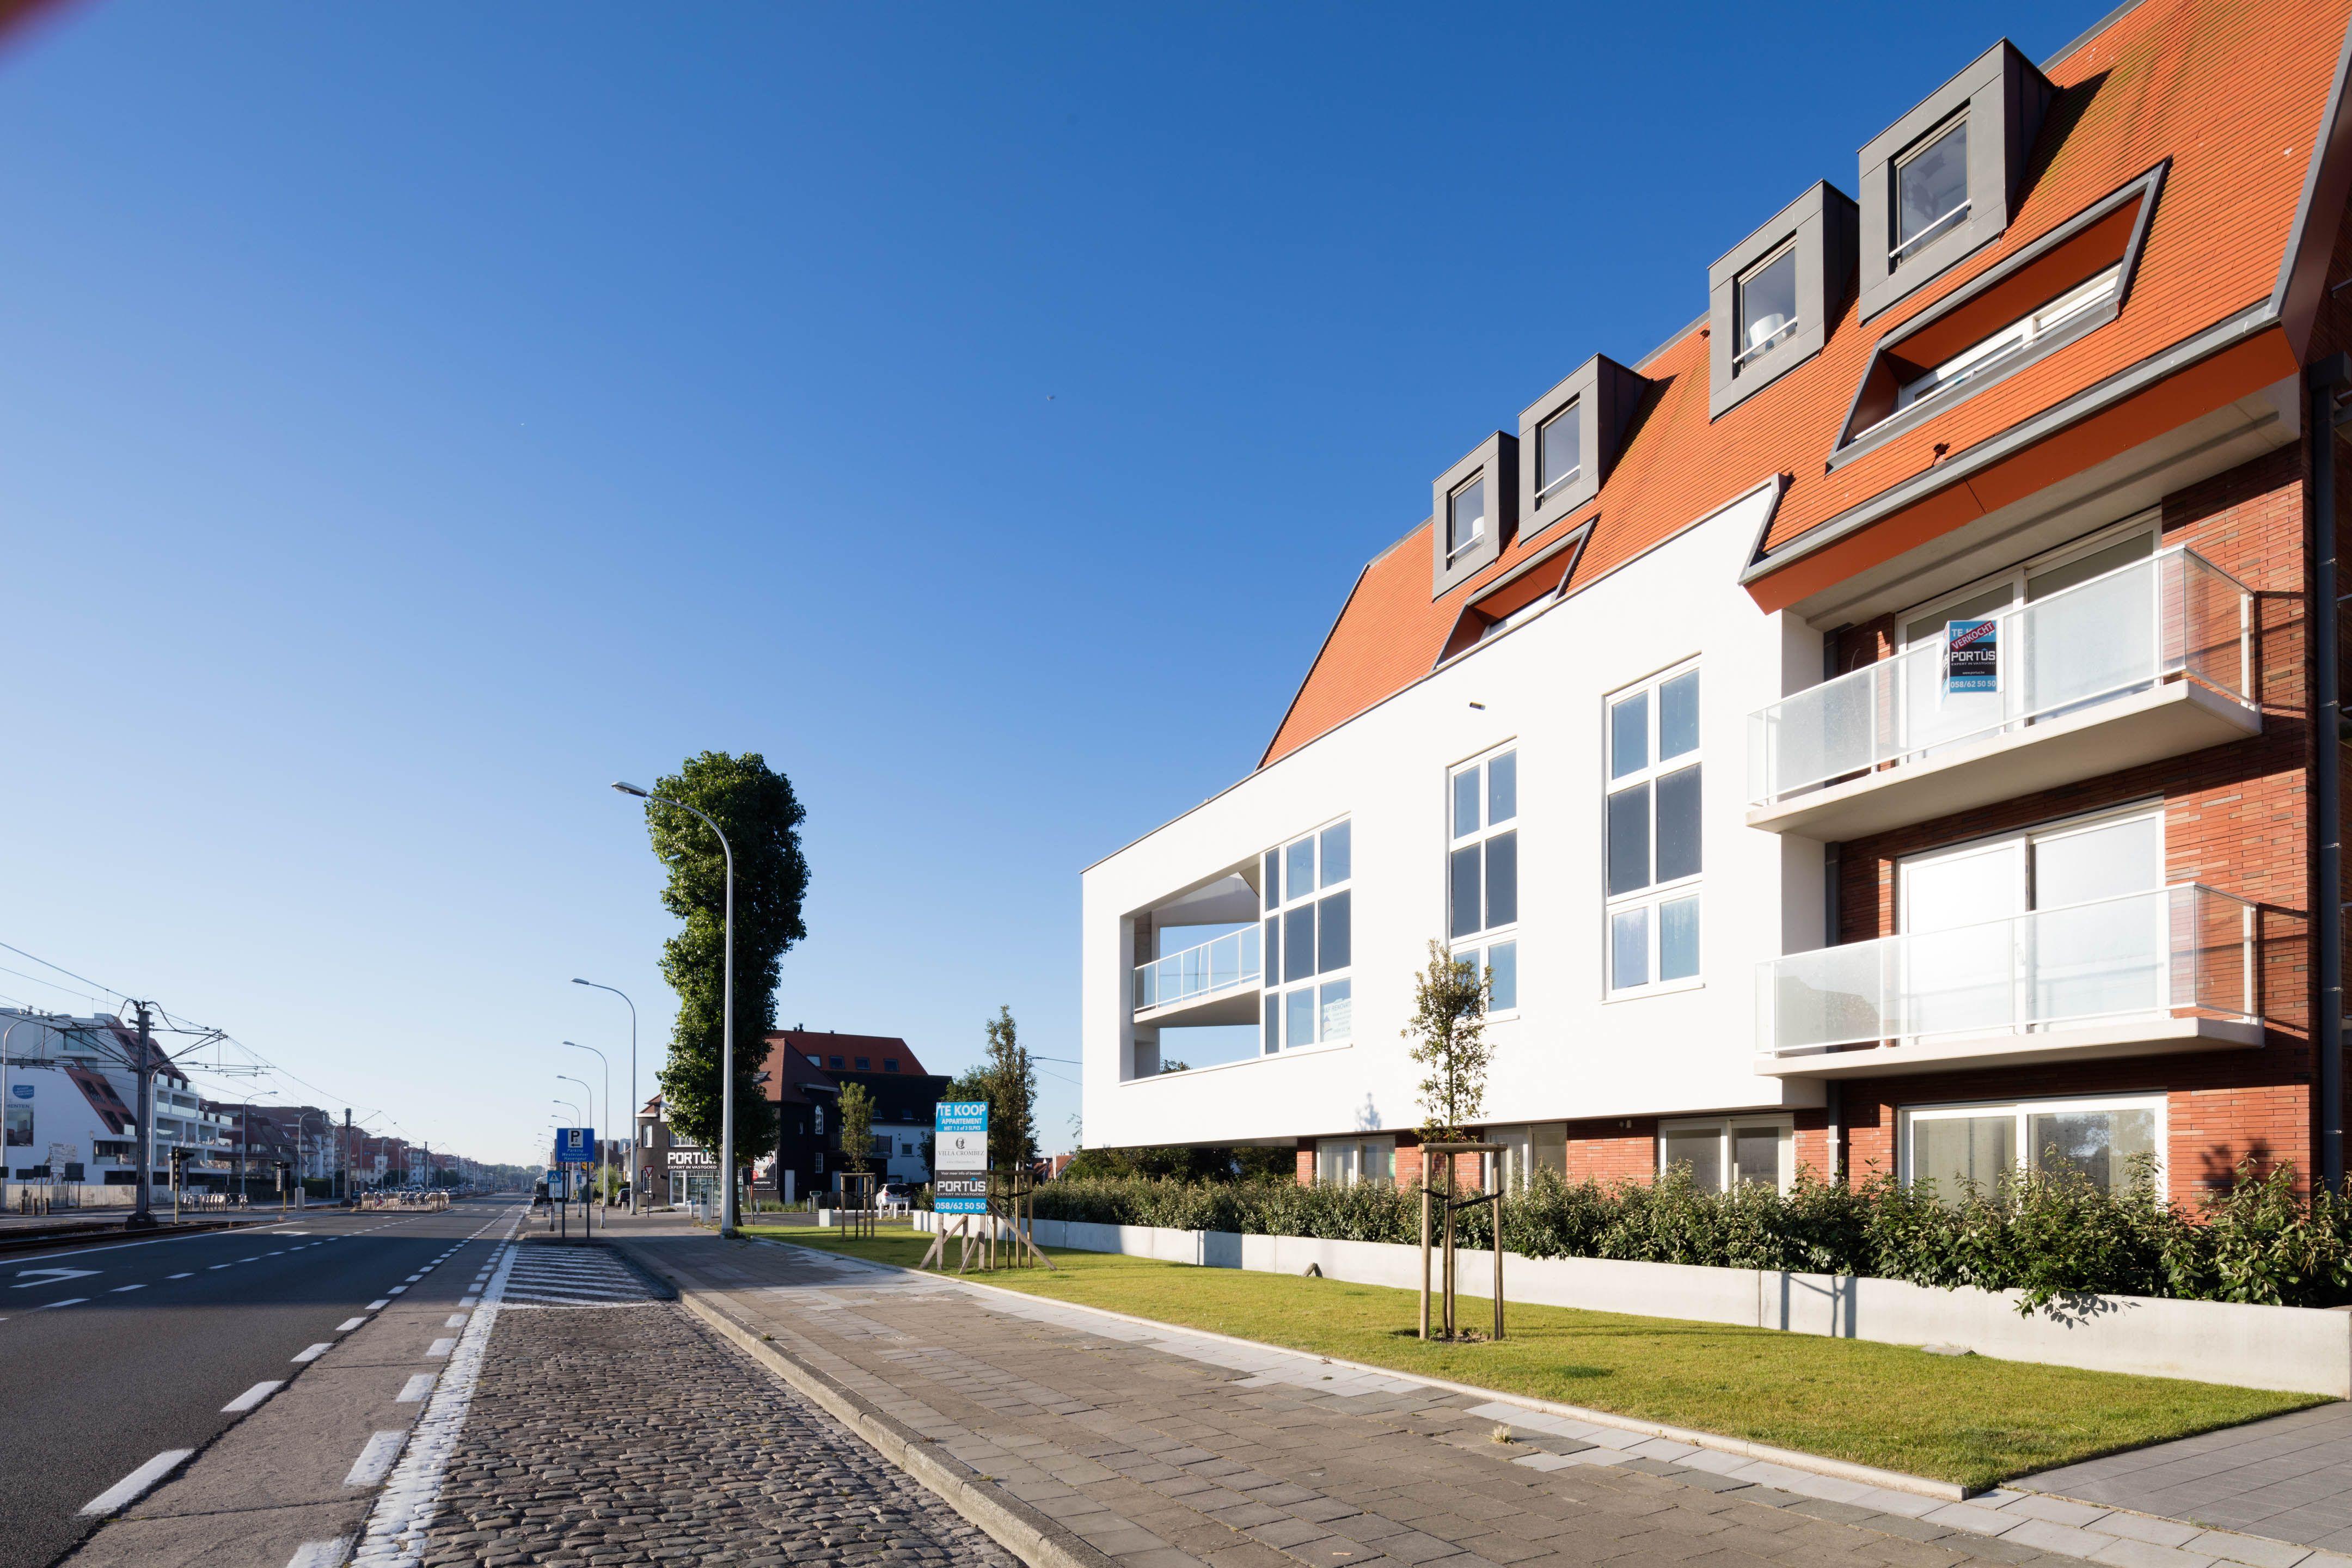 Appartement Residentie Villa Crombez Nieuwpoort - 3567